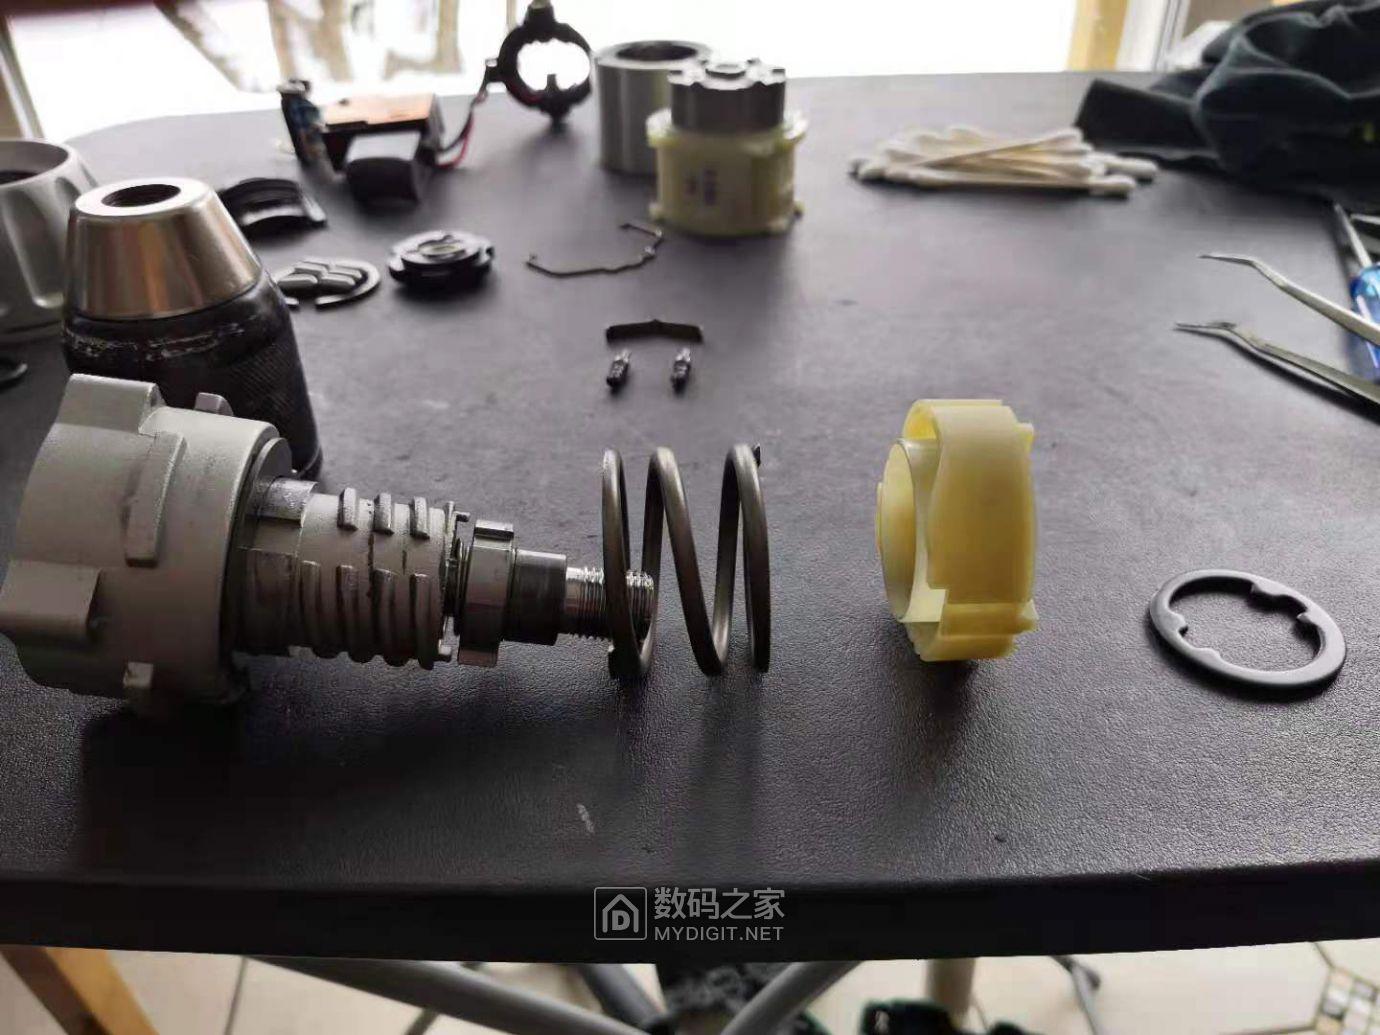 便宜的和贵的手电钻拆解对比(HITACHI DV180L VS TNT) 好货大家谈 第5张